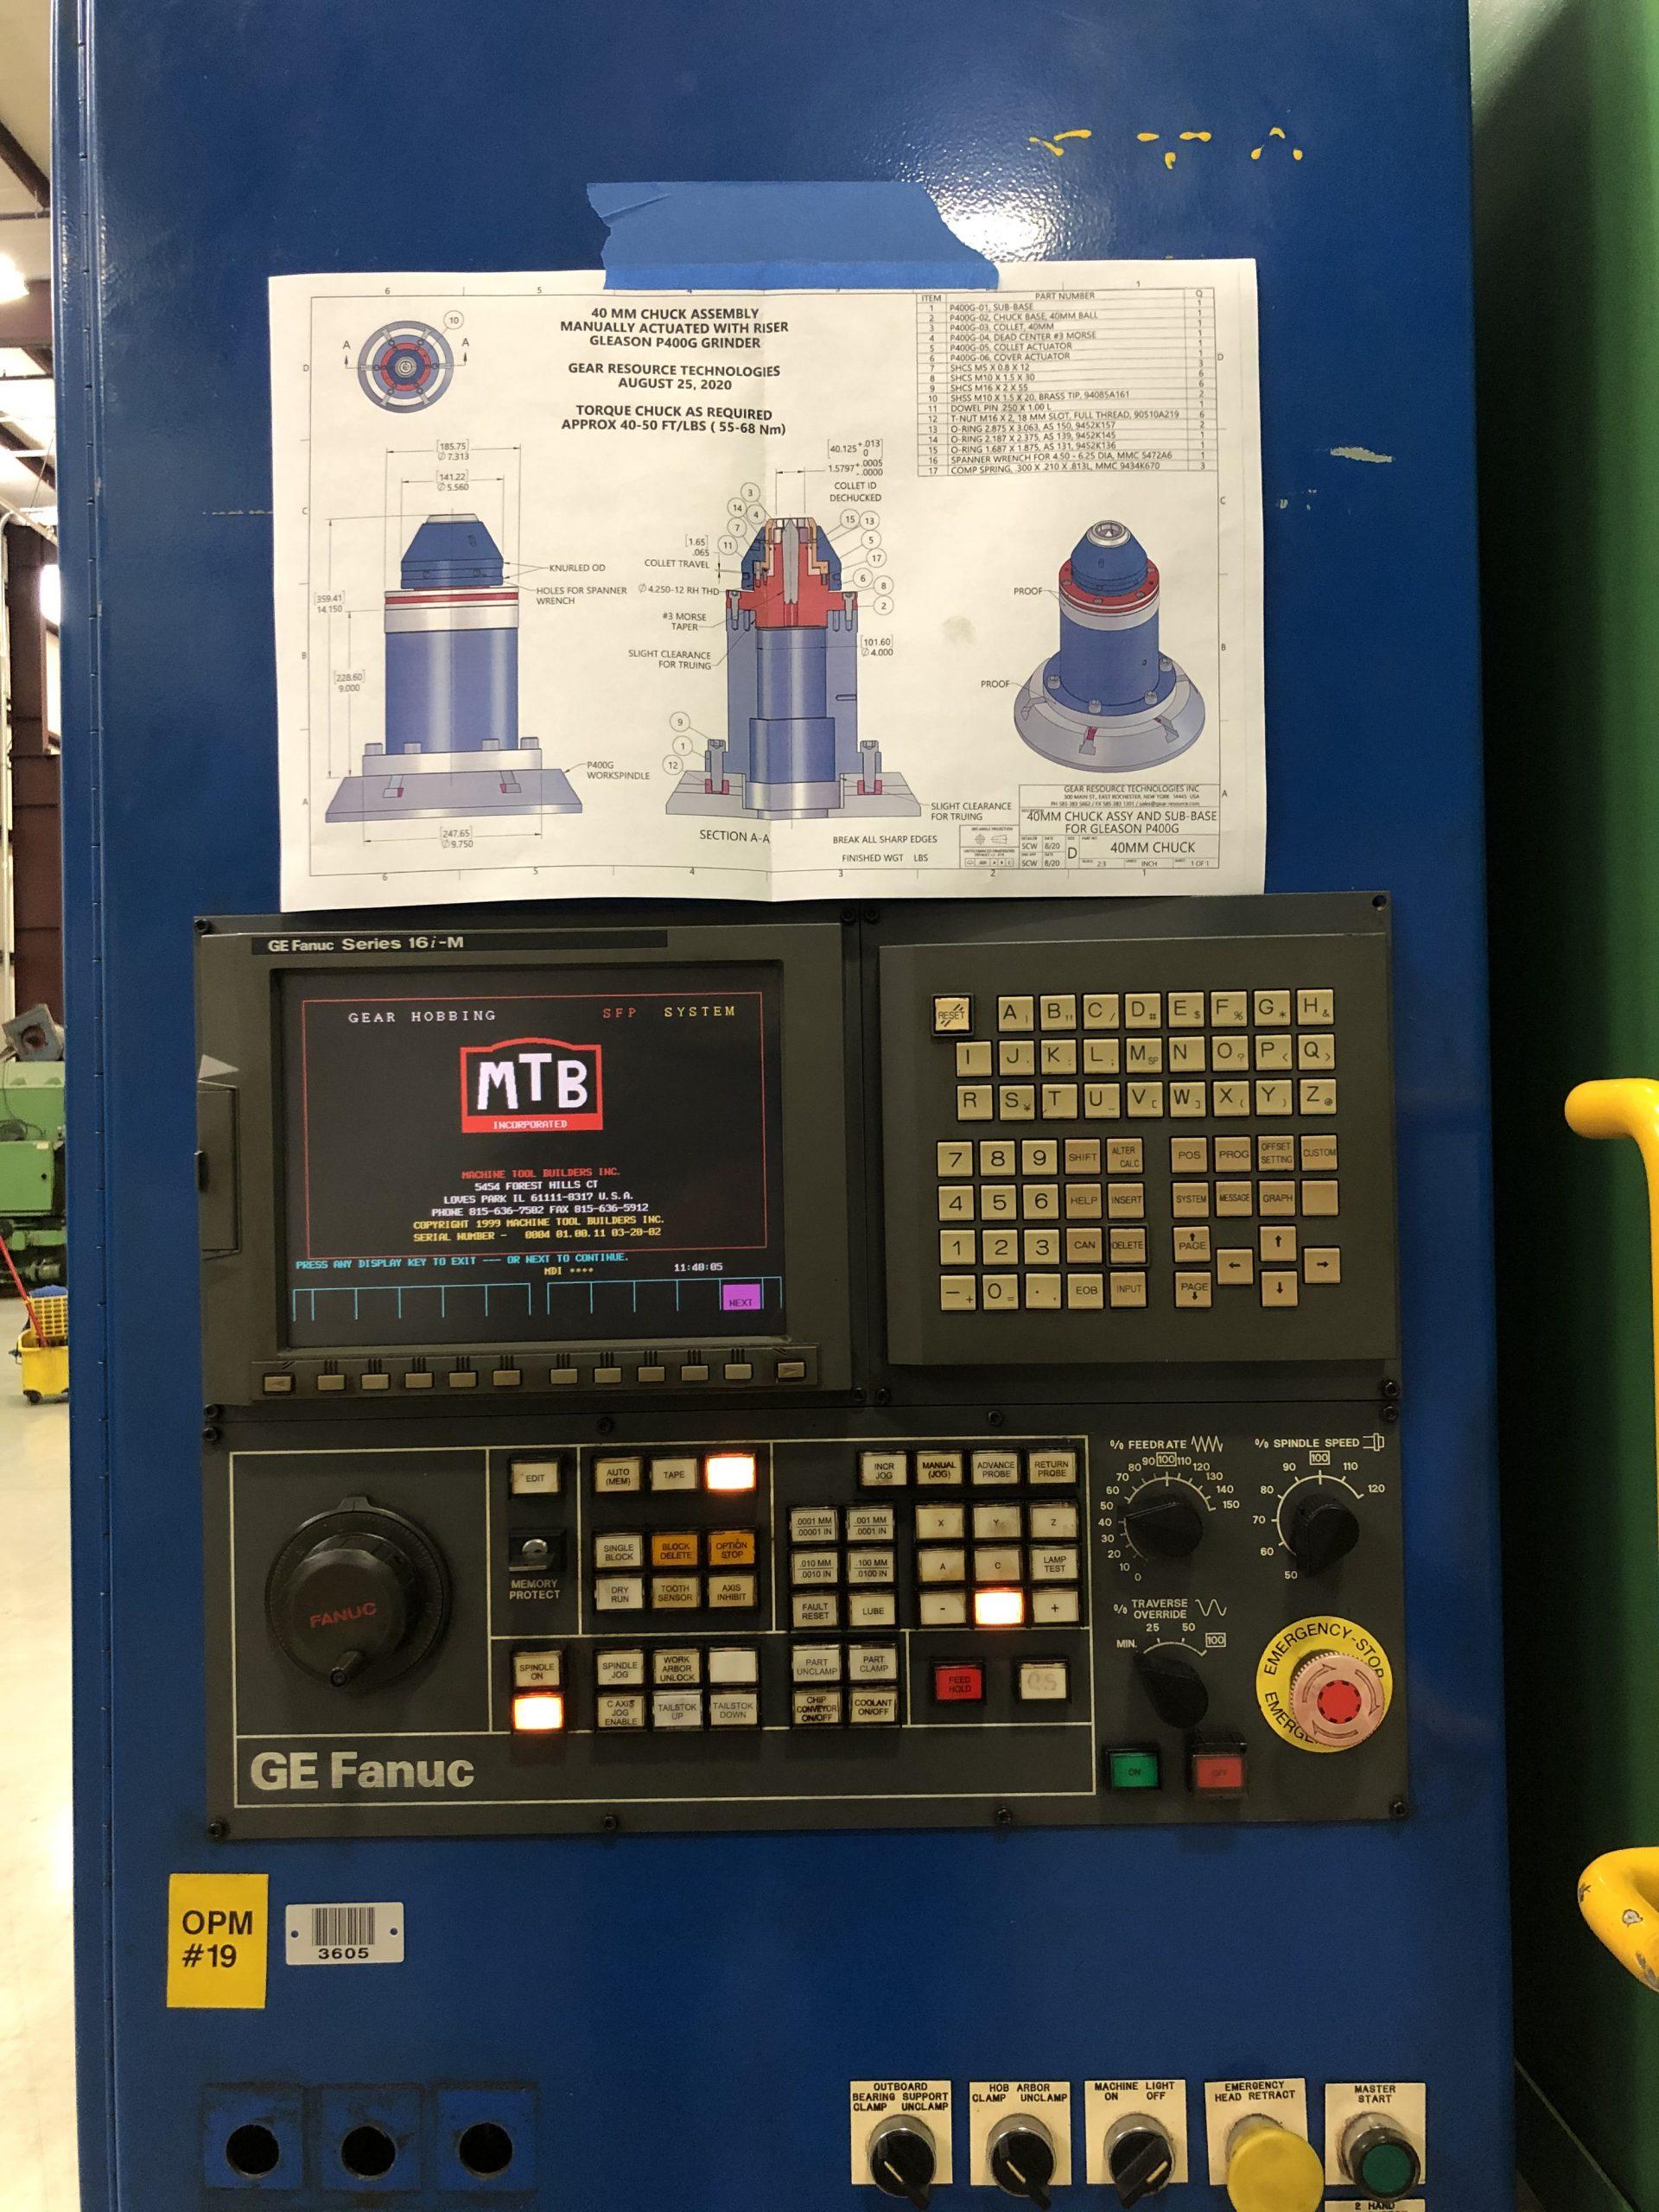 Pfauter PE-500 CNC Hobbing Machine